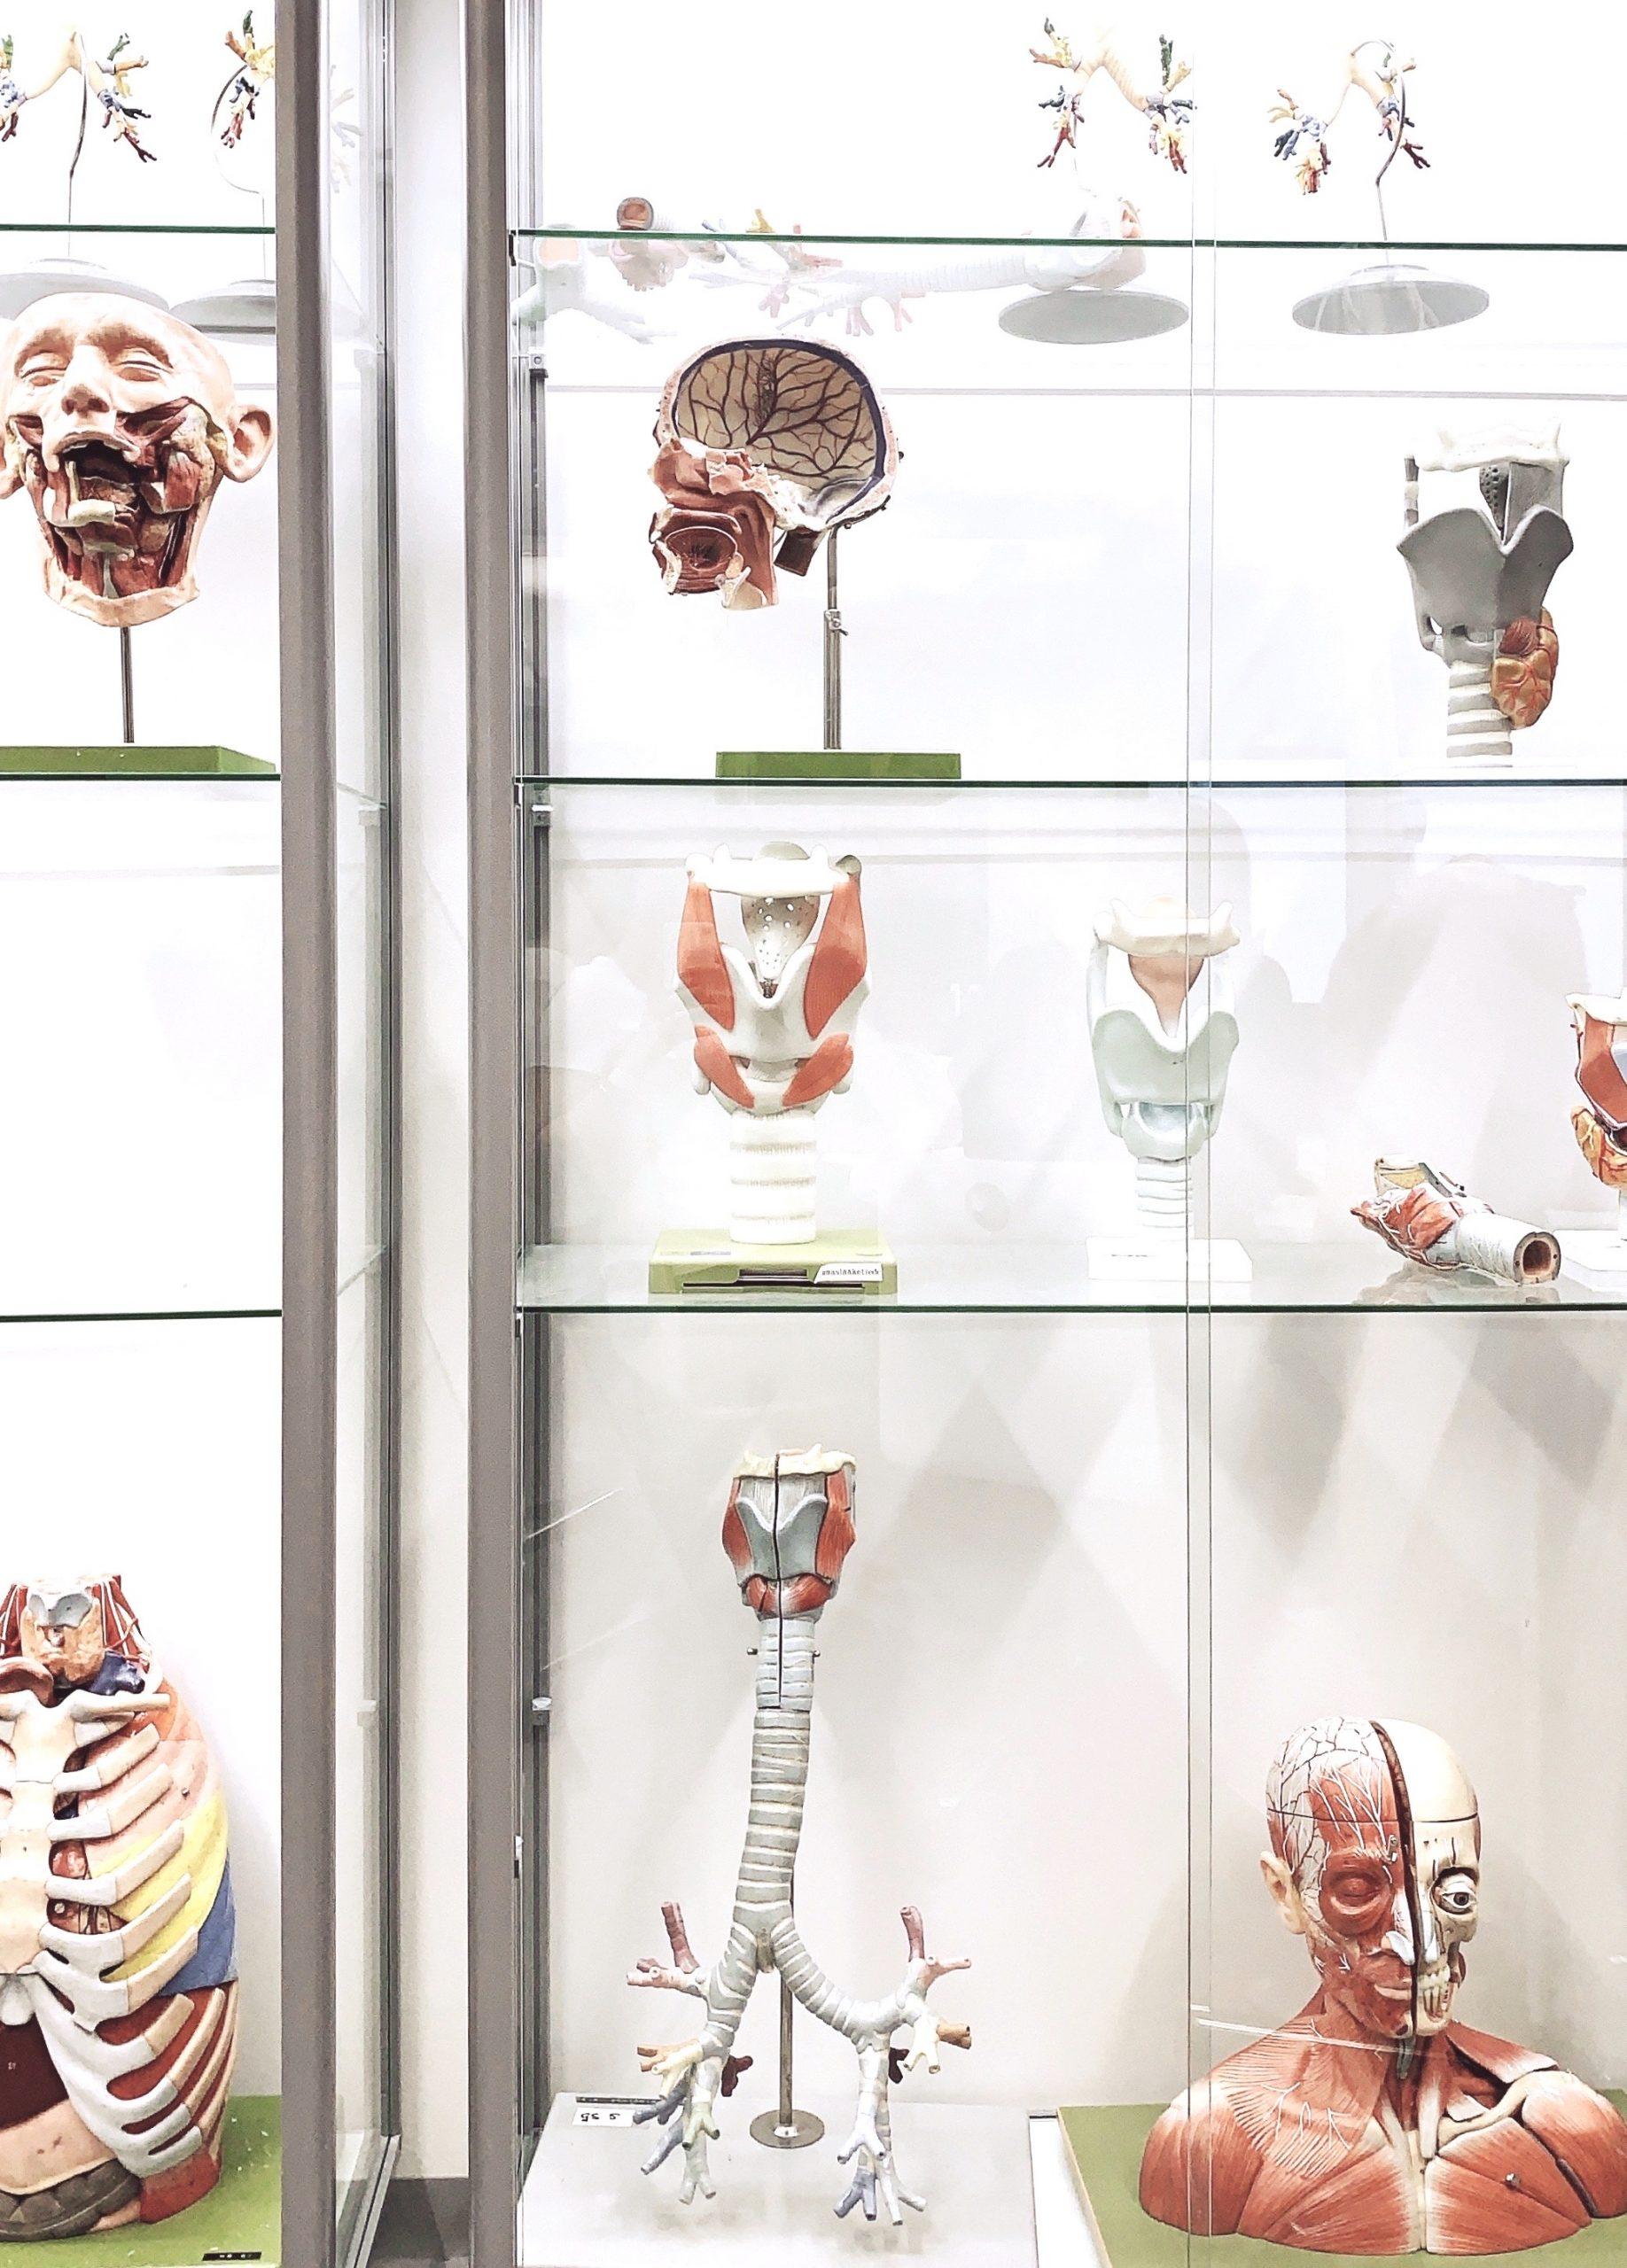 Ihmisen fysiologian ja anatomian opiskelutilojen anatomisia malleja